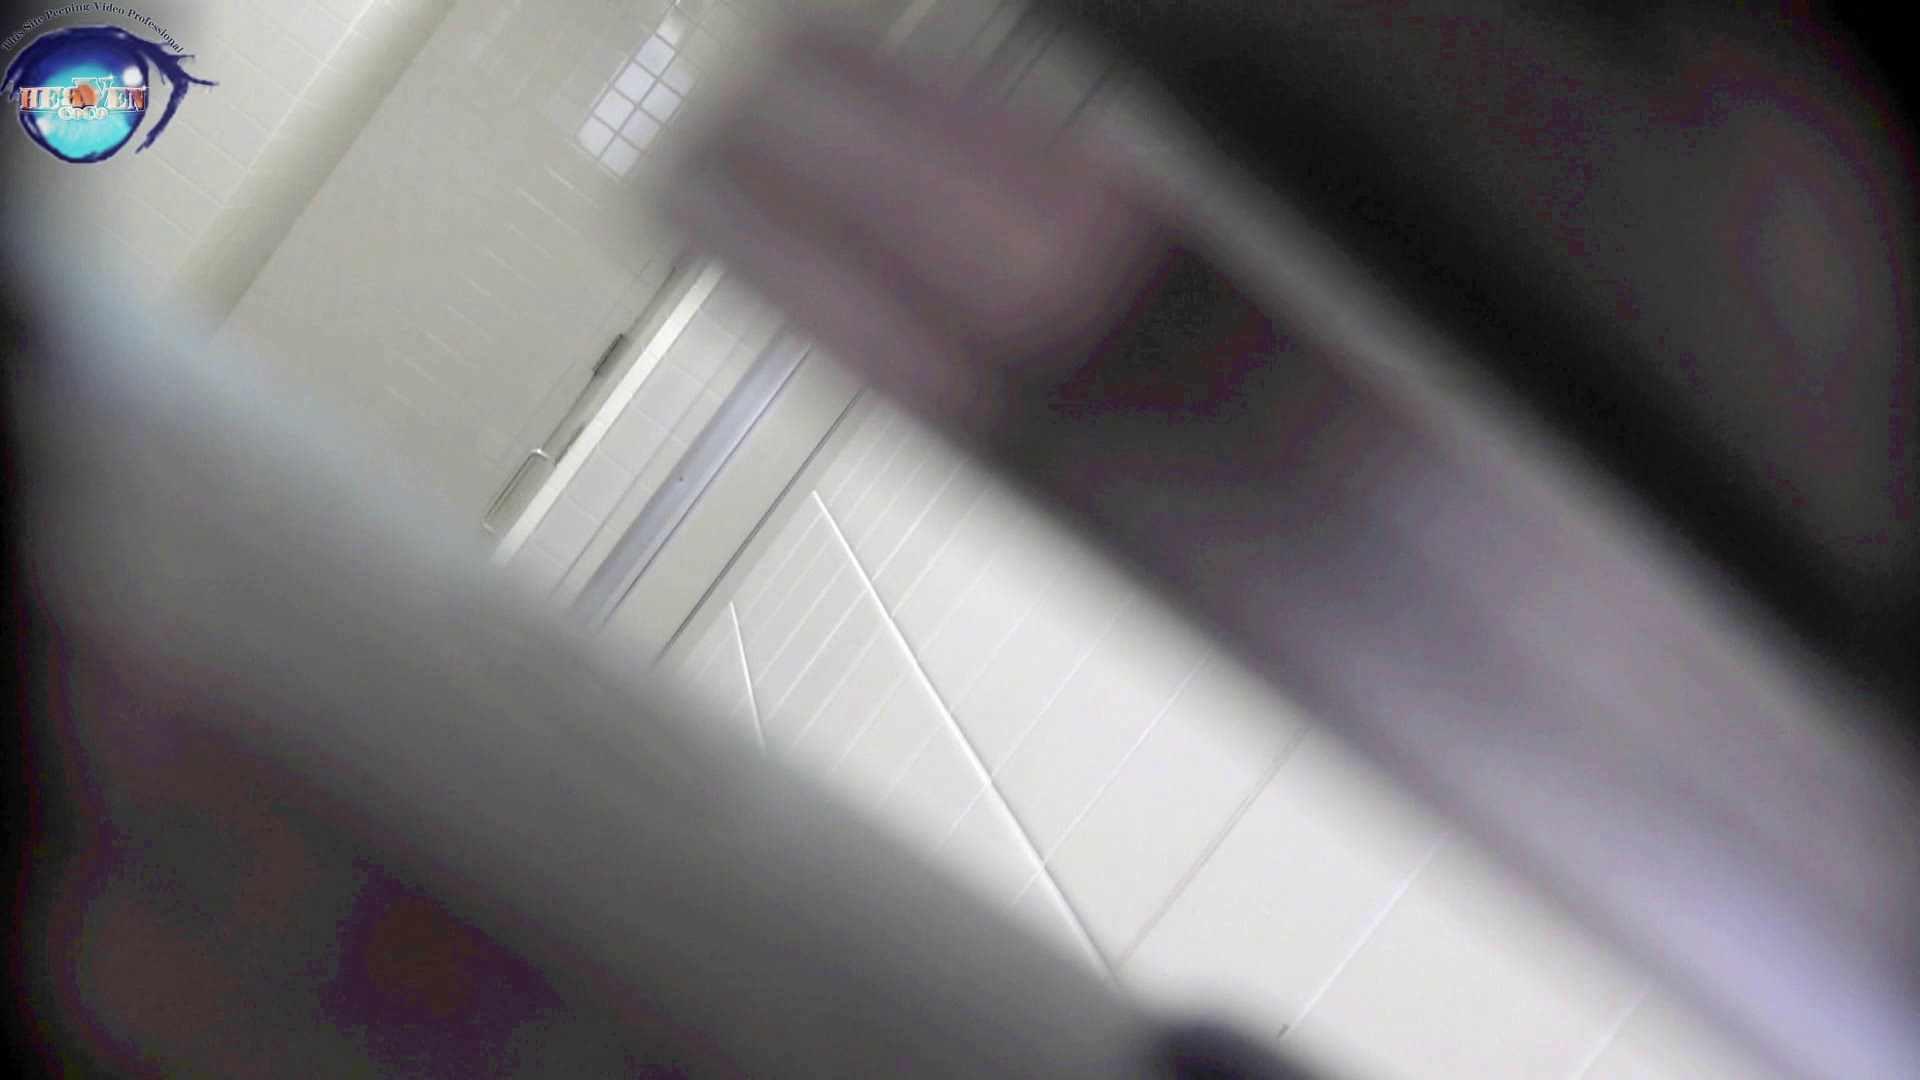 洗面所突入レポート!!お銀 vol.68 無謀に通路に飛び出て一番明るいフロント撮り実現 前編 洗面所編  86PIX 14